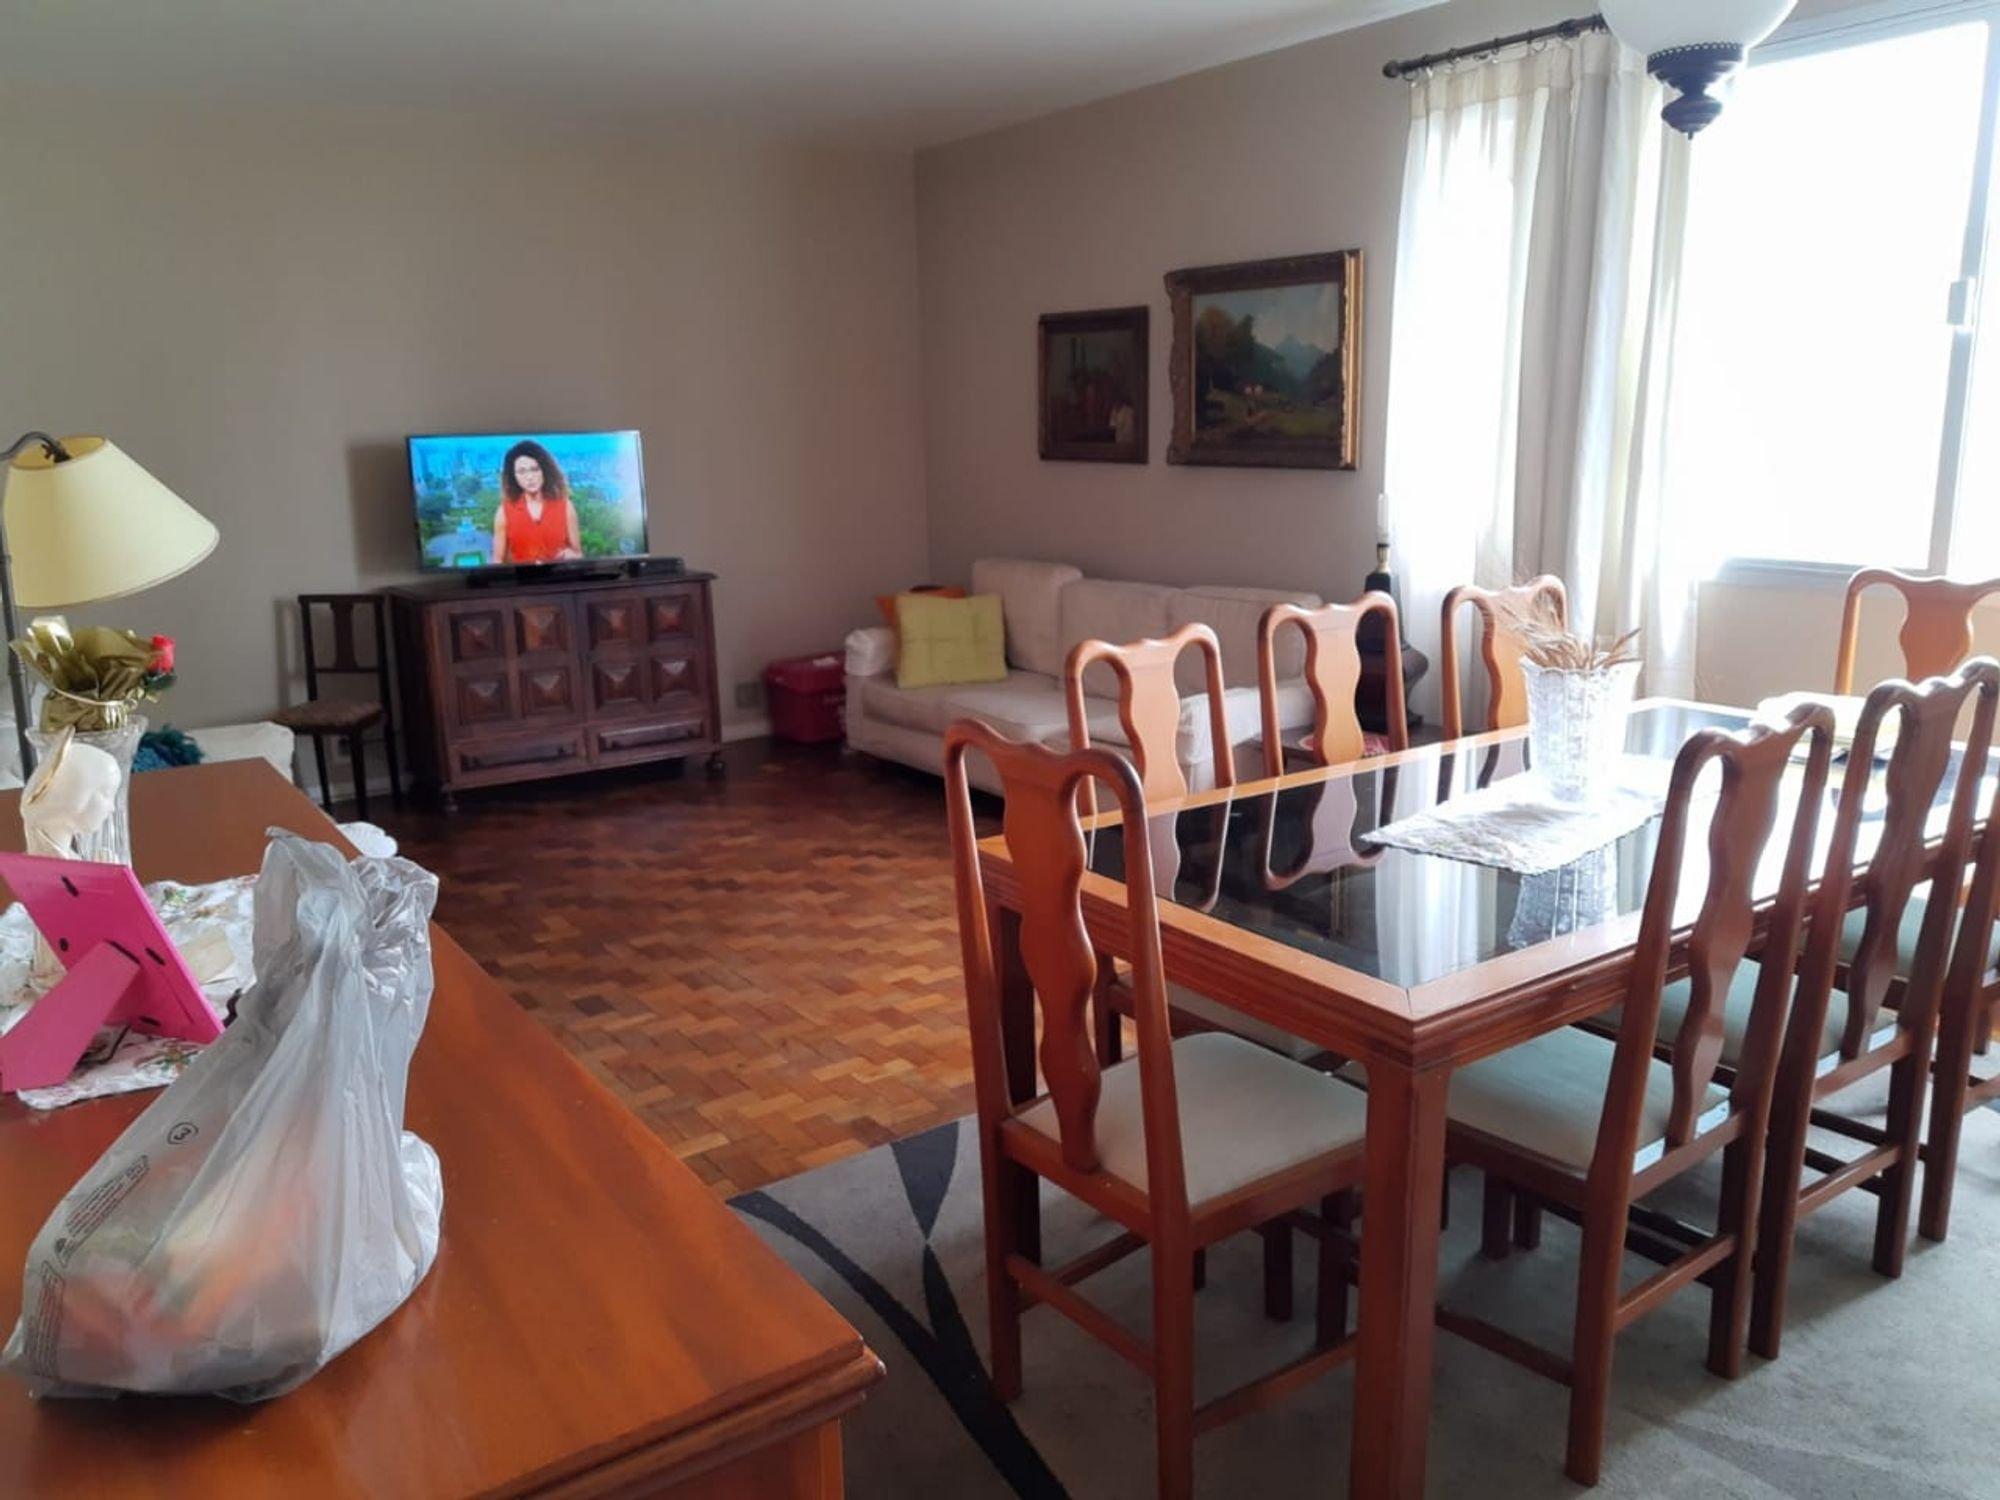 Foto de Sala com sofá, vaso, cadeira